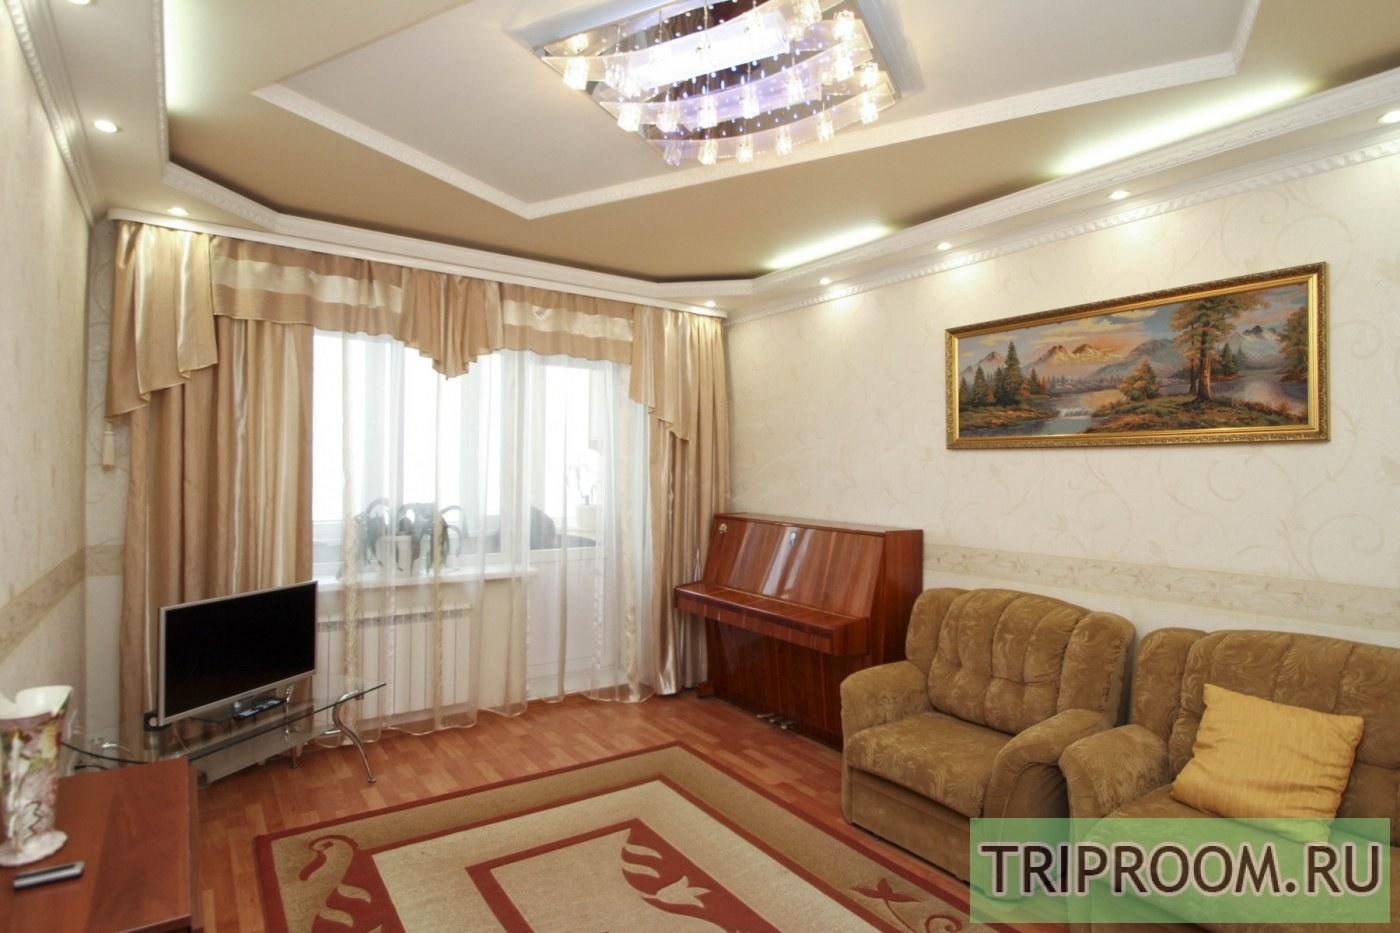 2-комнатная квартира посуточно (вариант № 37514), ул. Дзержинского улица, фото № 1